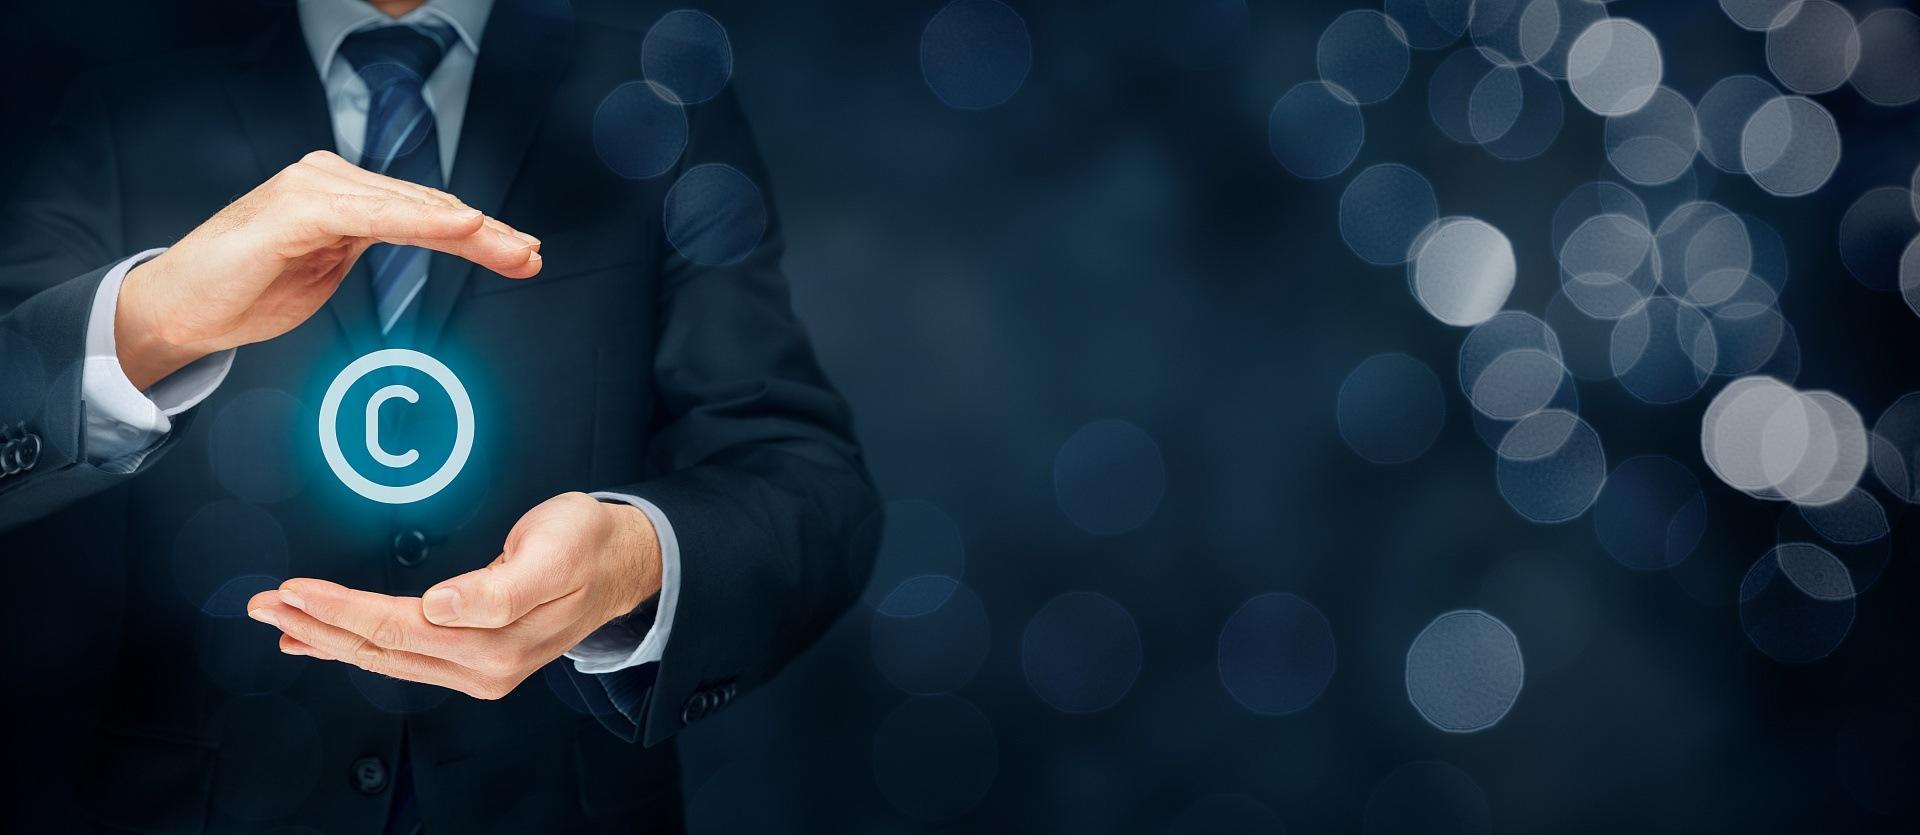 Регистрация товарного знака, её преимущества для бизнеса